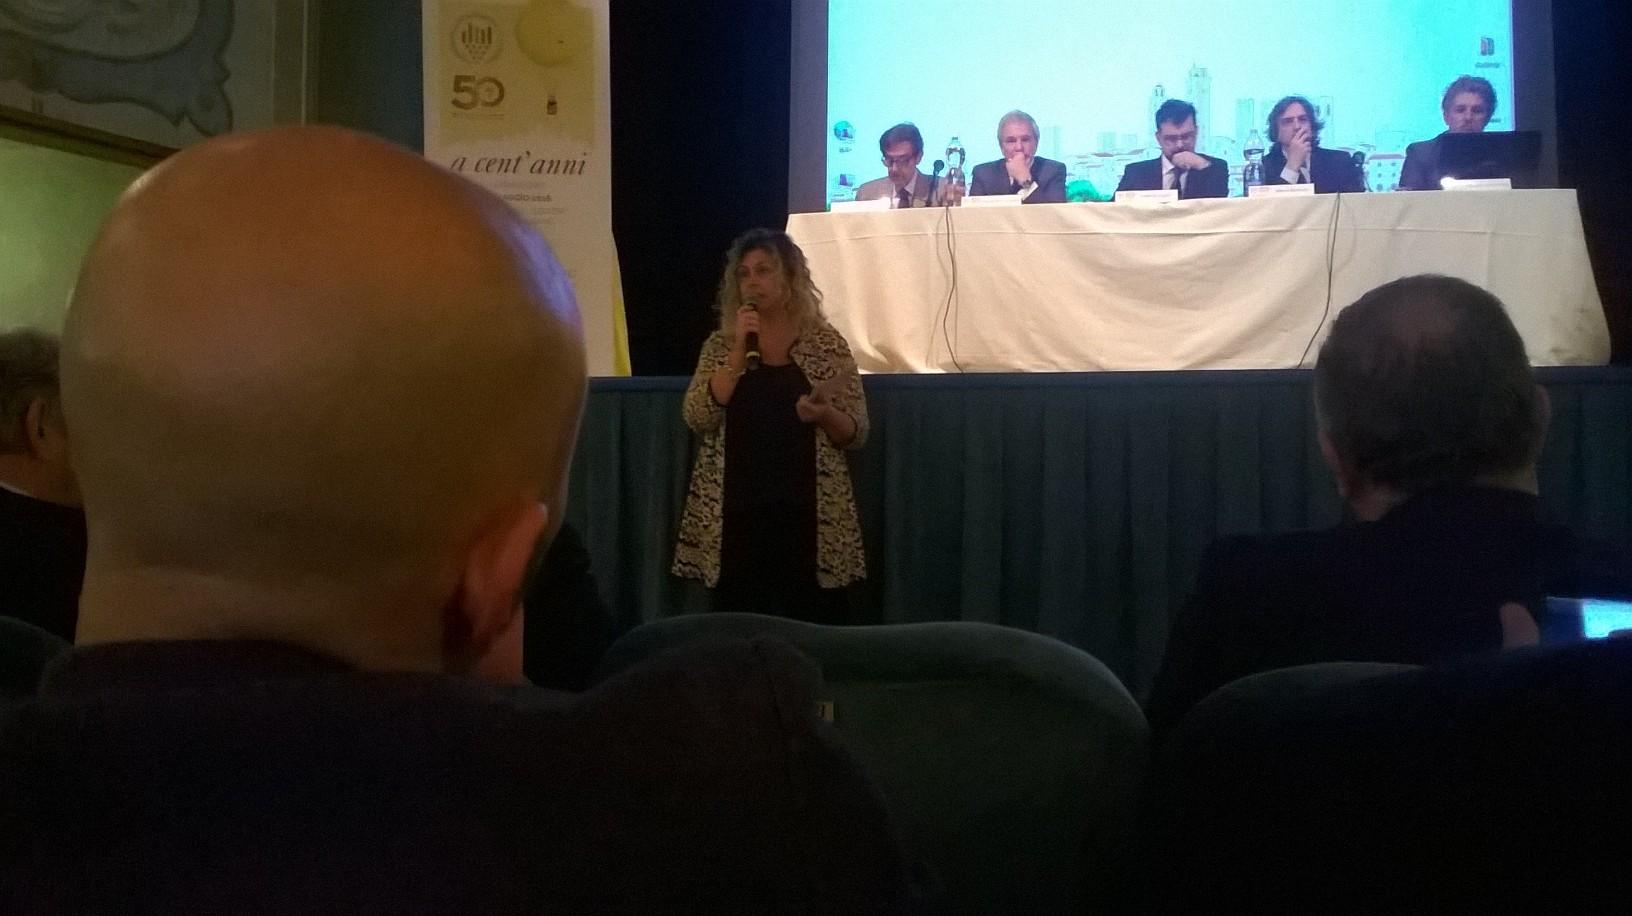 Letizia Cesani, President of the Consortium